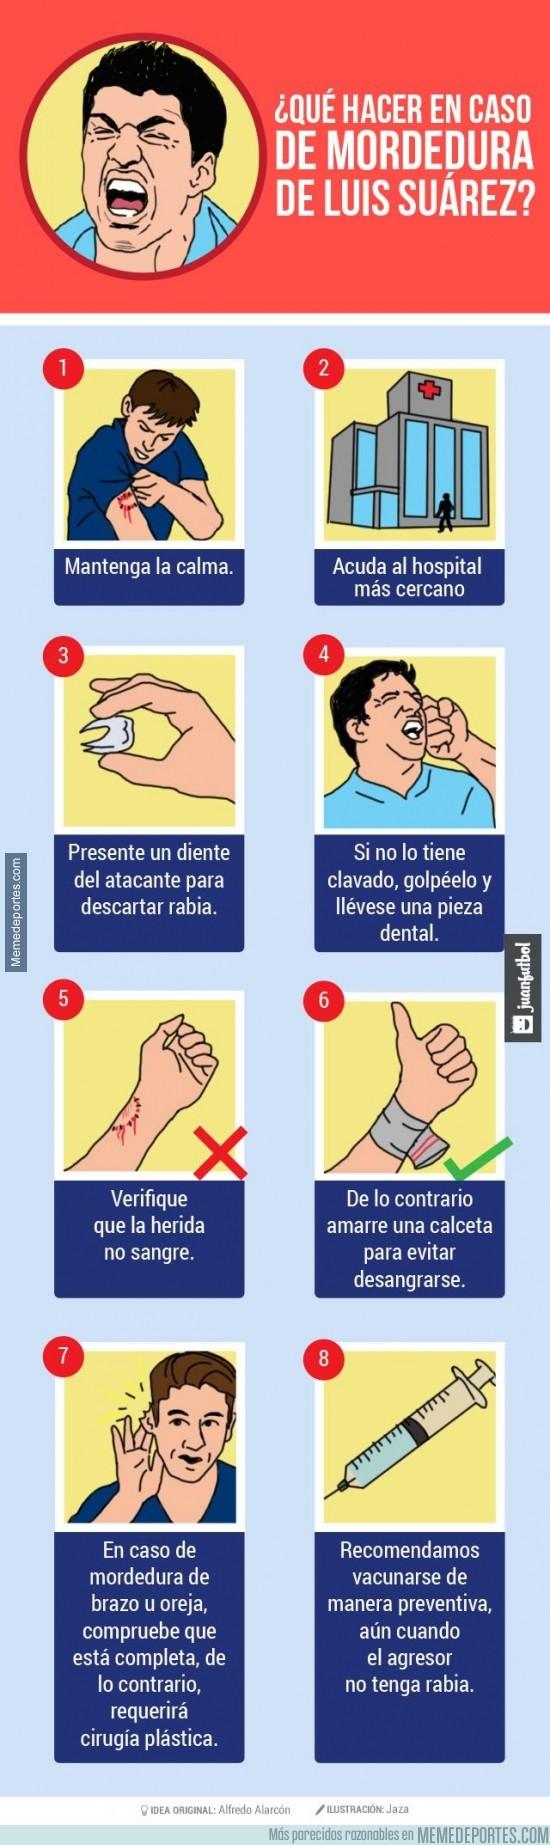 348038 - Qué hacer en caso de mordedura de Luis Suárez